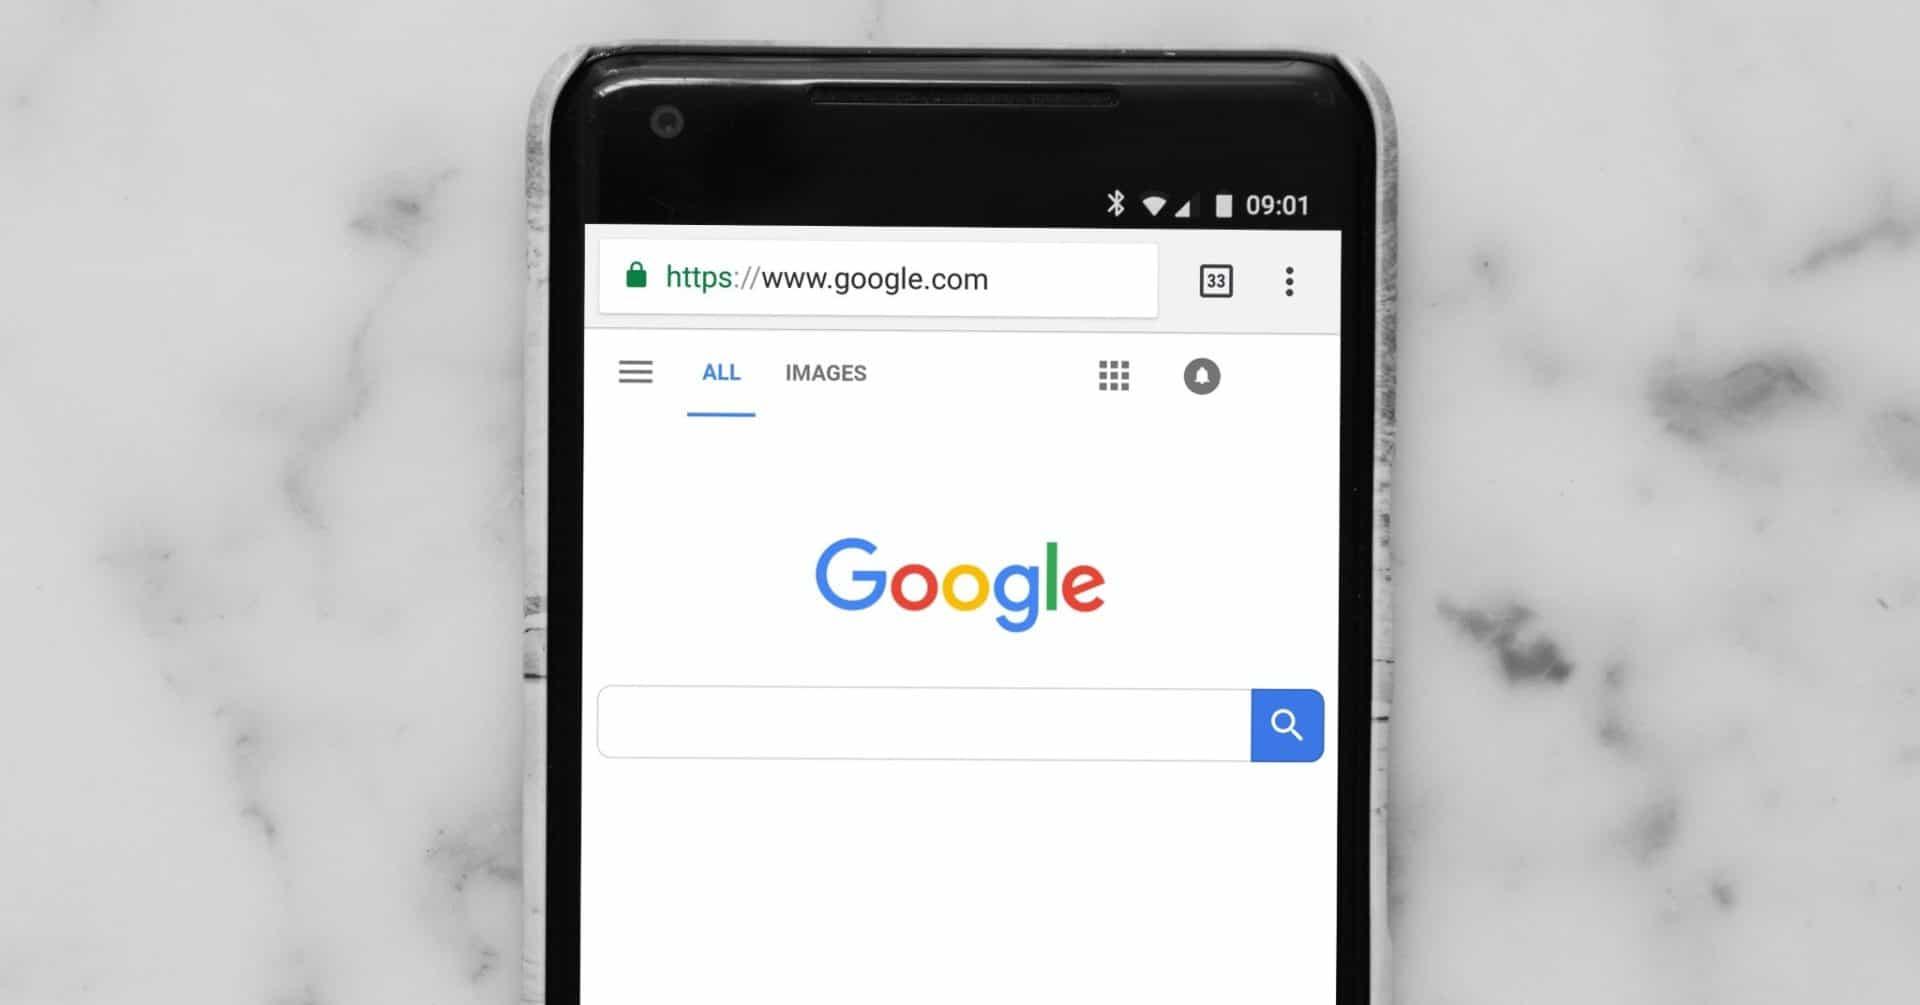 seo is belangrijk voor de google zoekmachine op smartphone